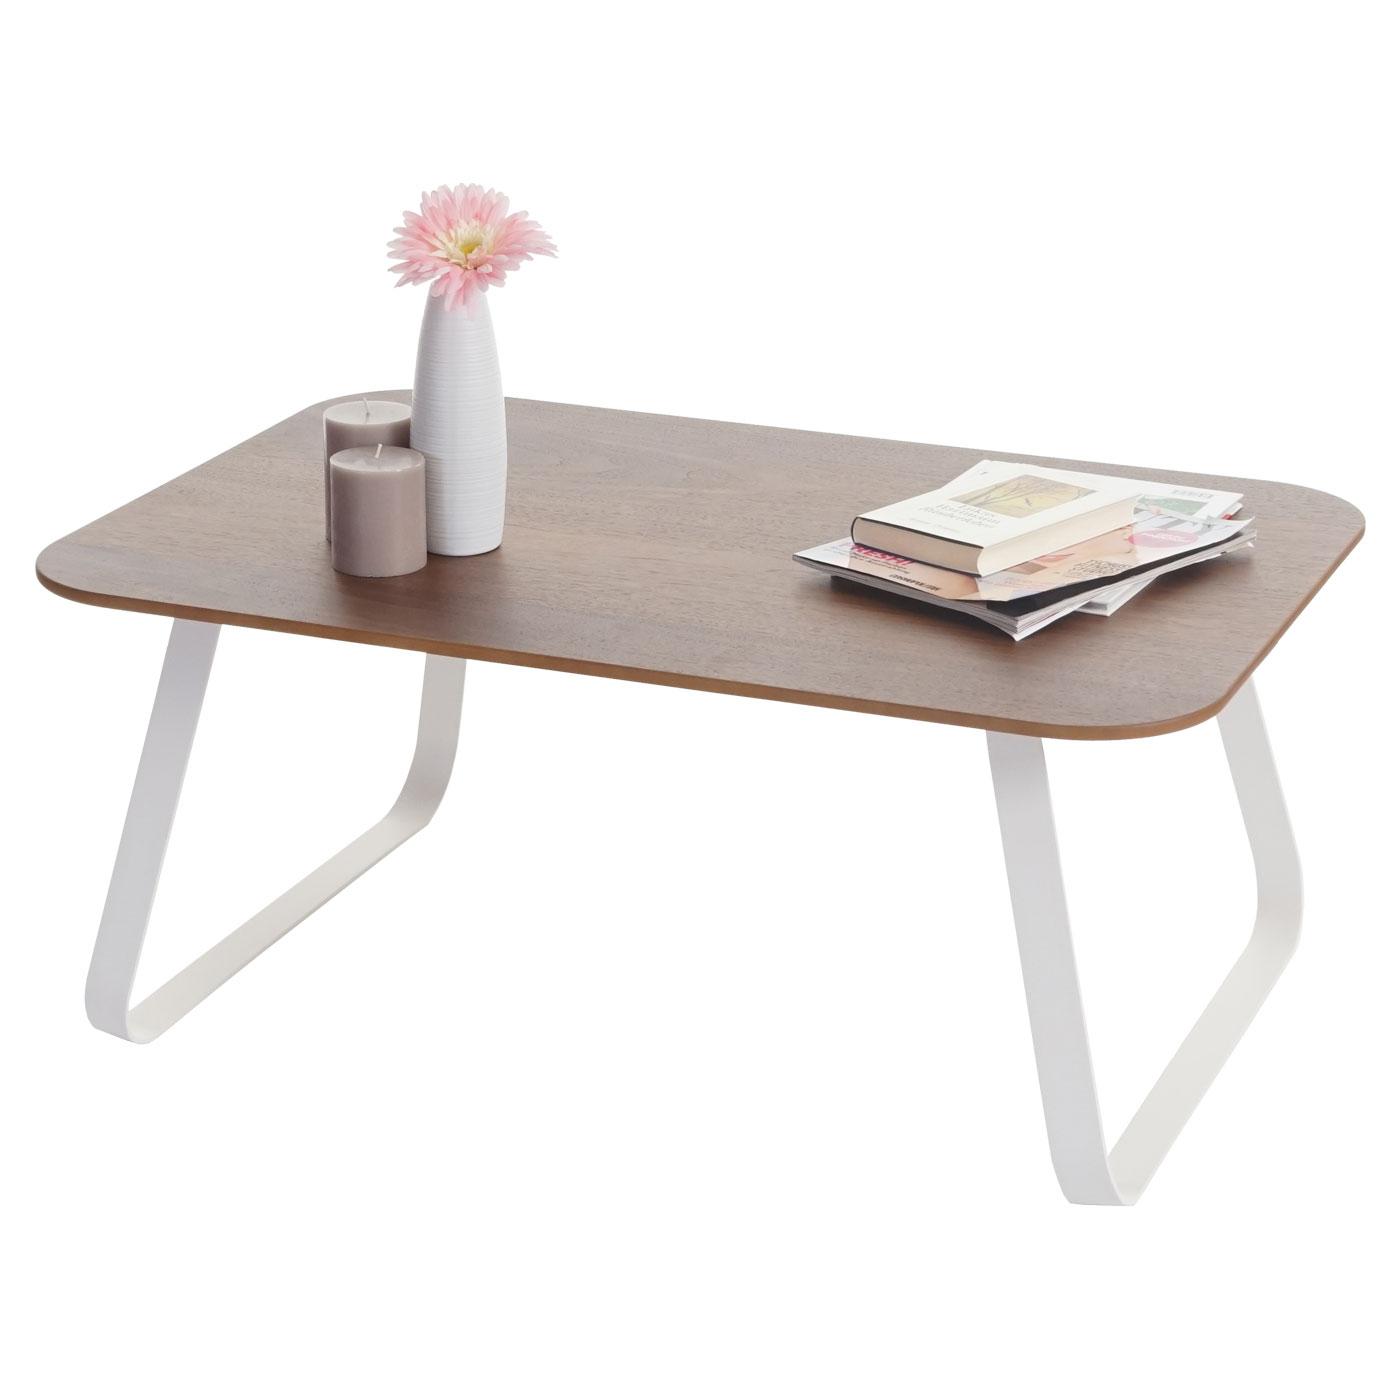 couchtisch mecheln wohnzimmertisch tisch beistelltisch. Black Bedroom Furniture Sets. Home Design Ideas